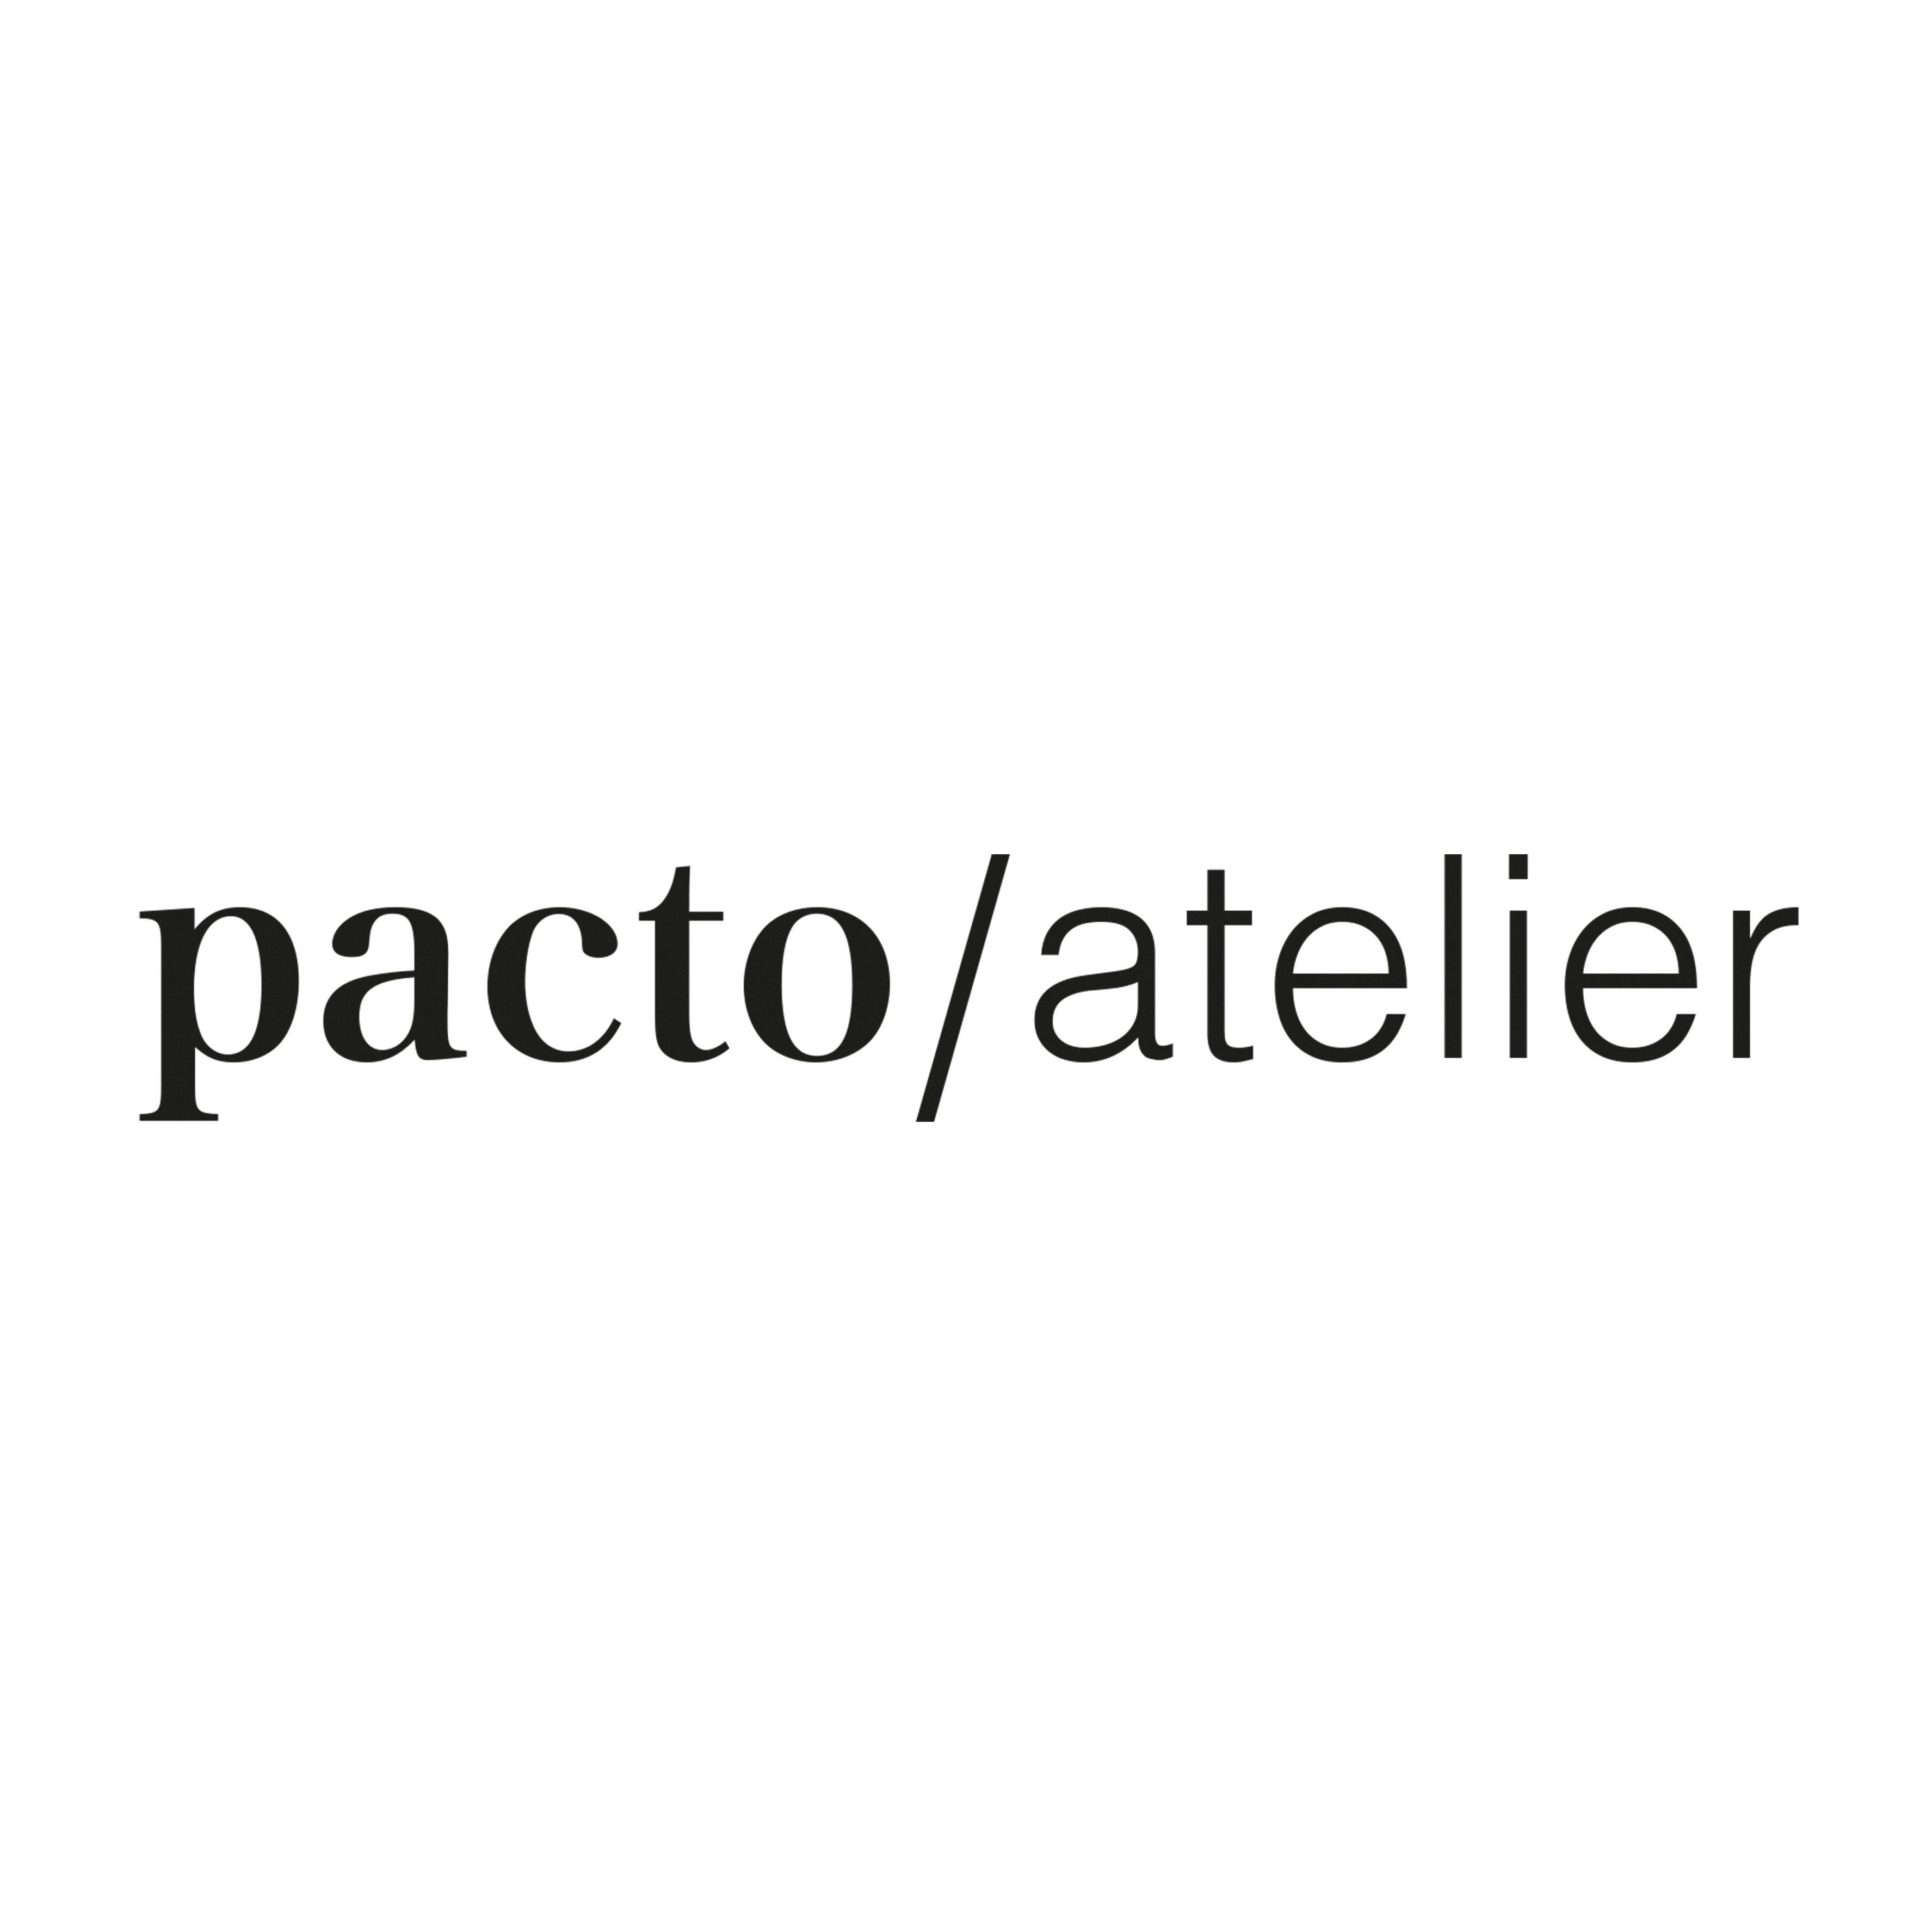 PACTOatelier